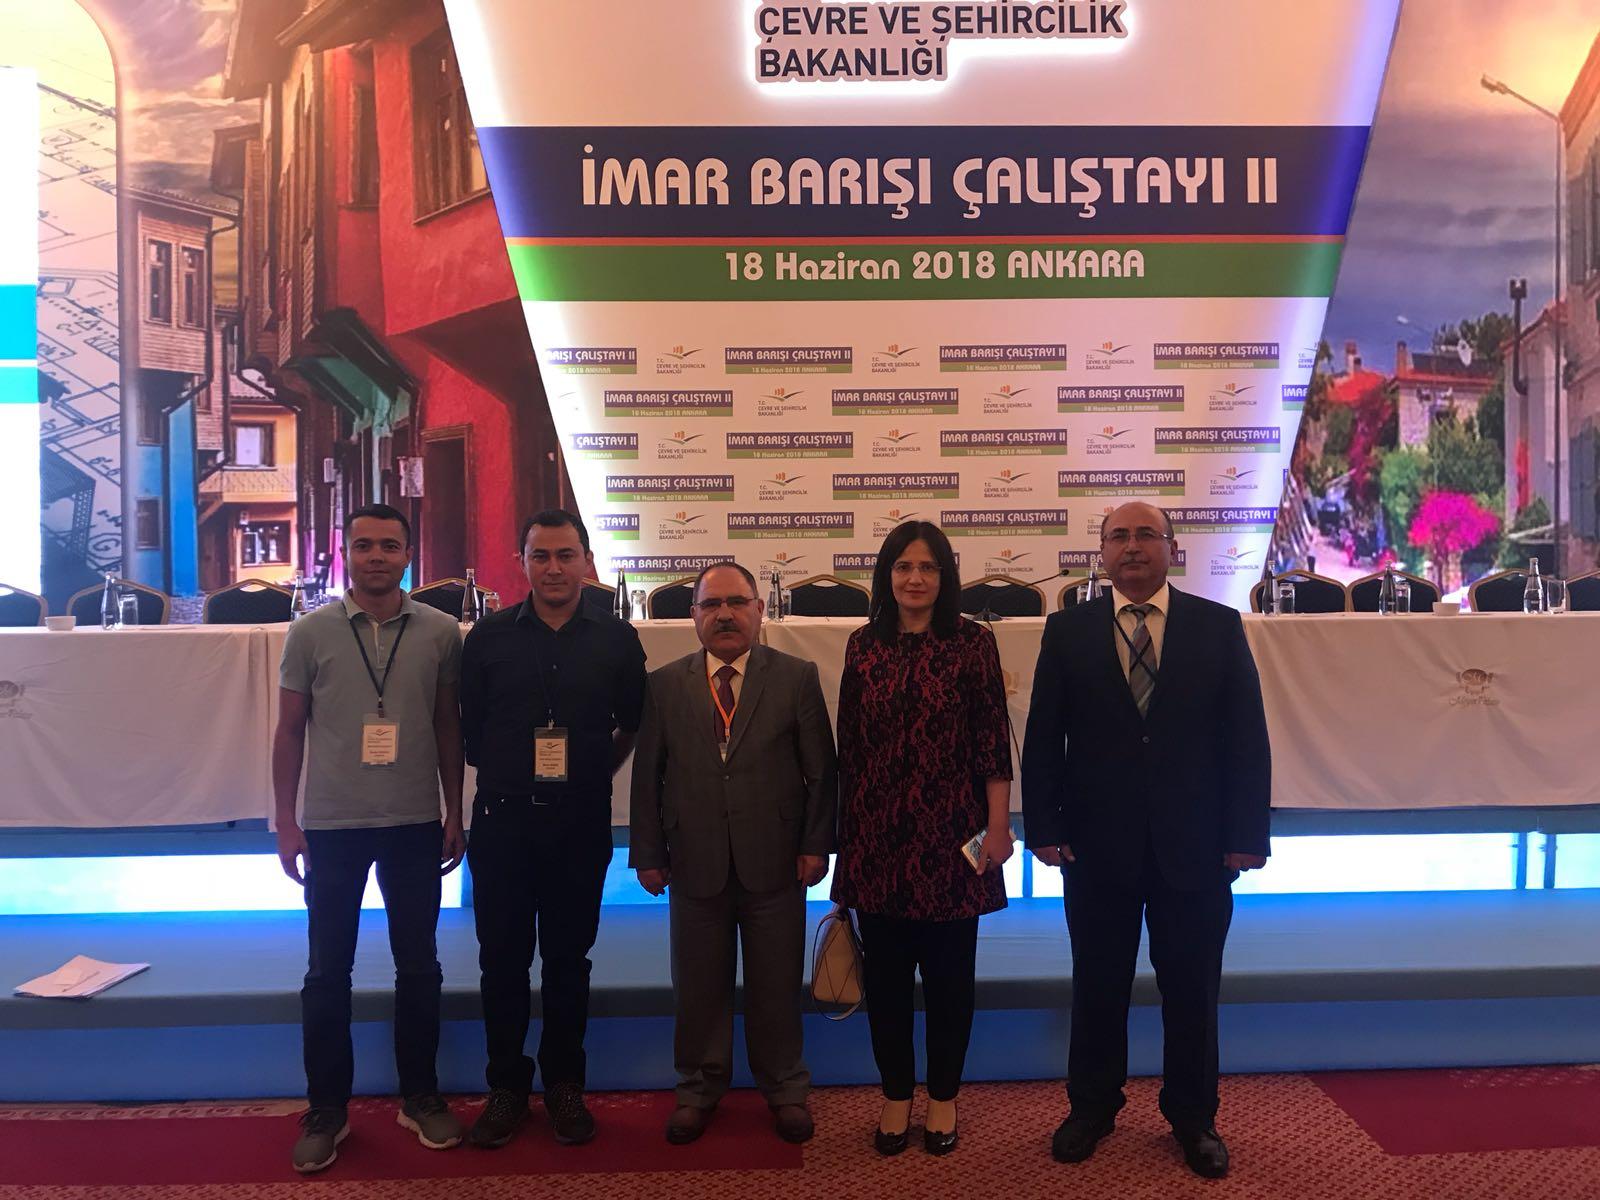 2. İmar Barışı Çalıştayı Ankara'da 18.06.2018 tarihinde yapılmıştır.